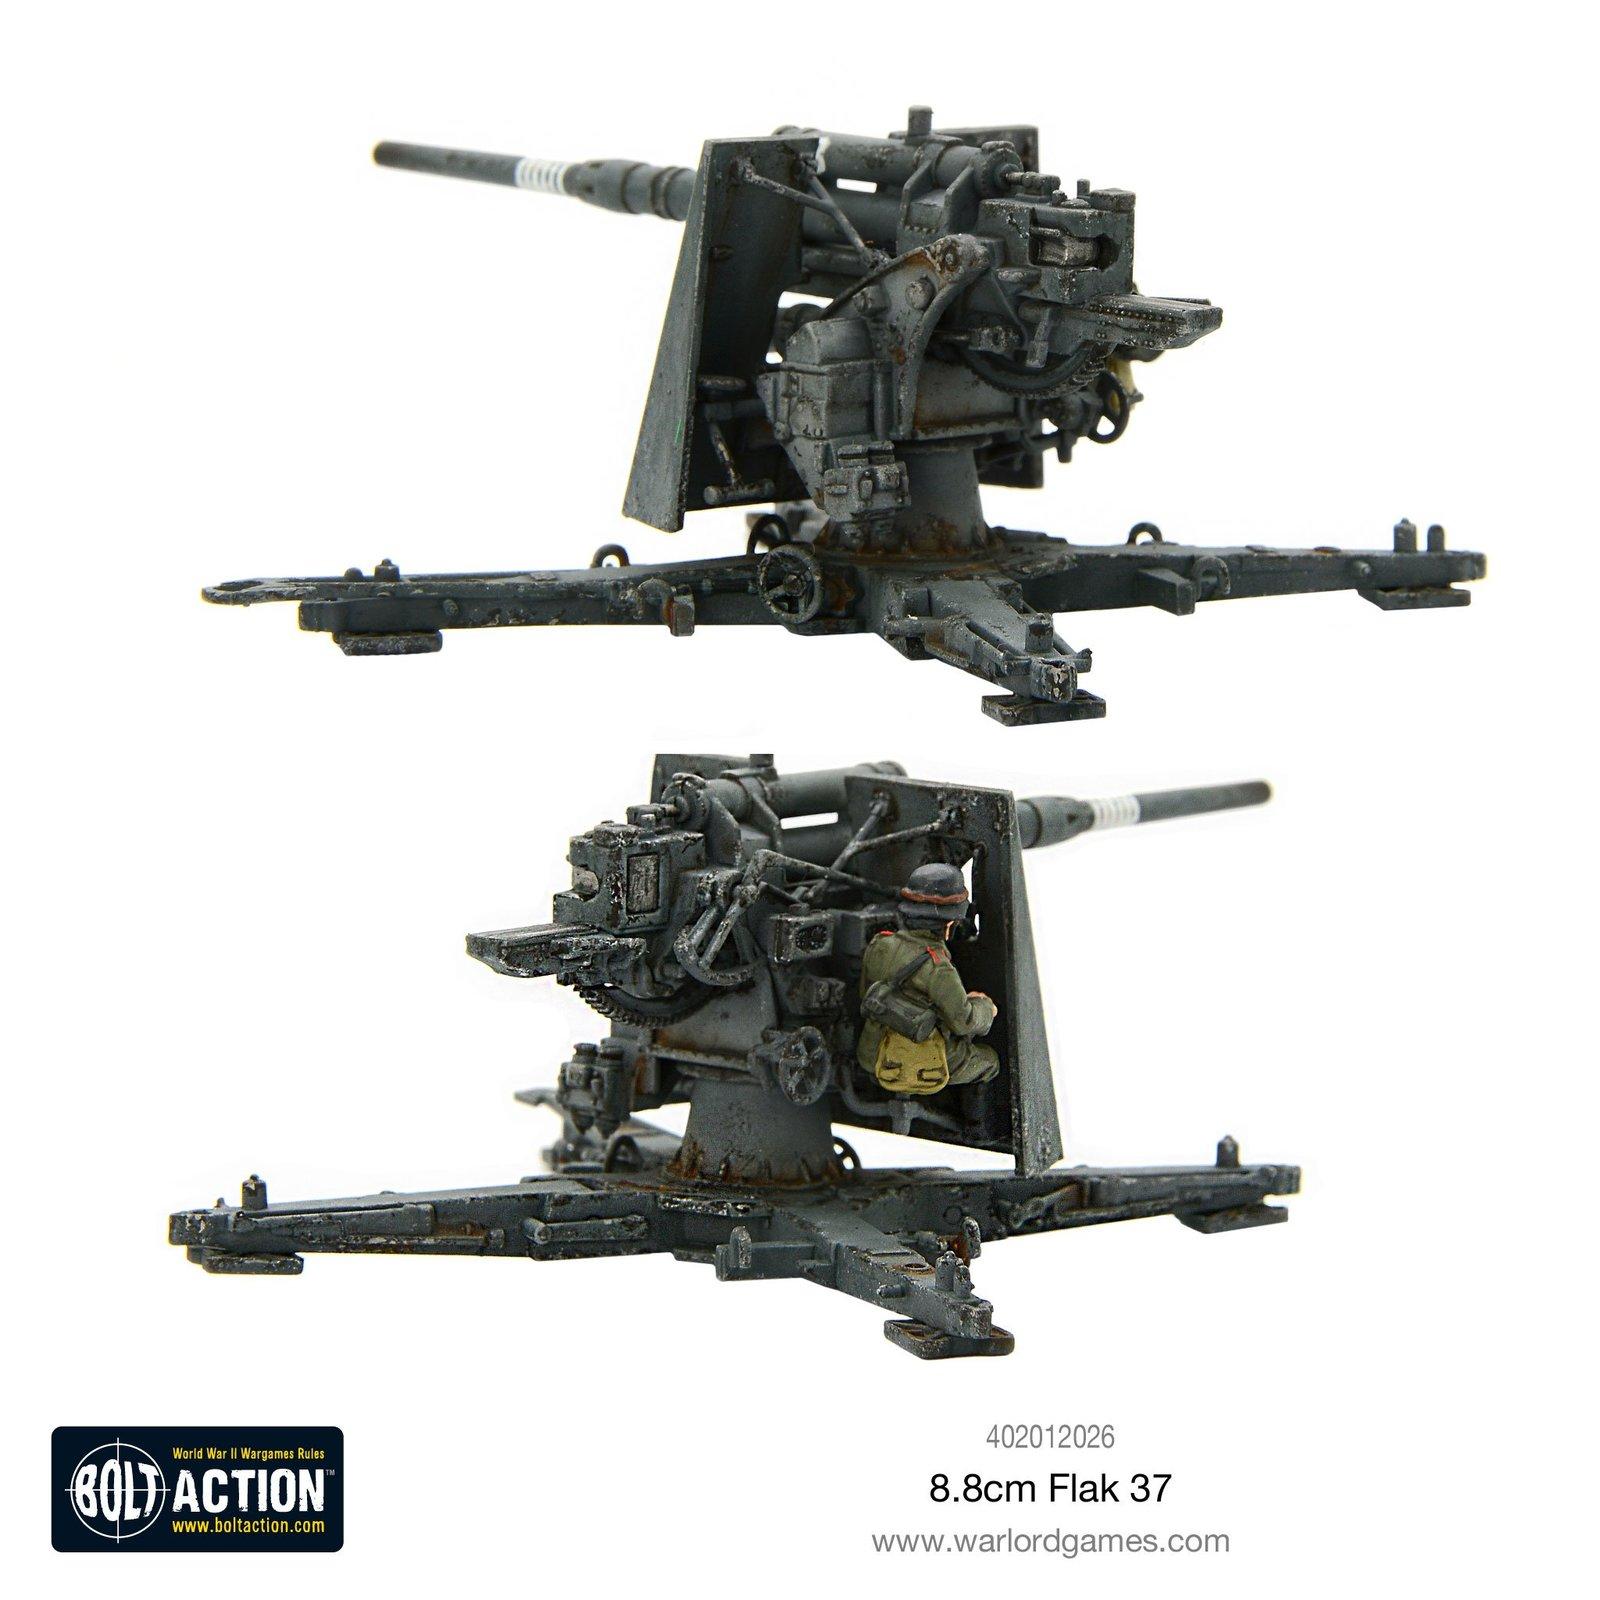 Bolt Action: German Flak 37 8.8cm image